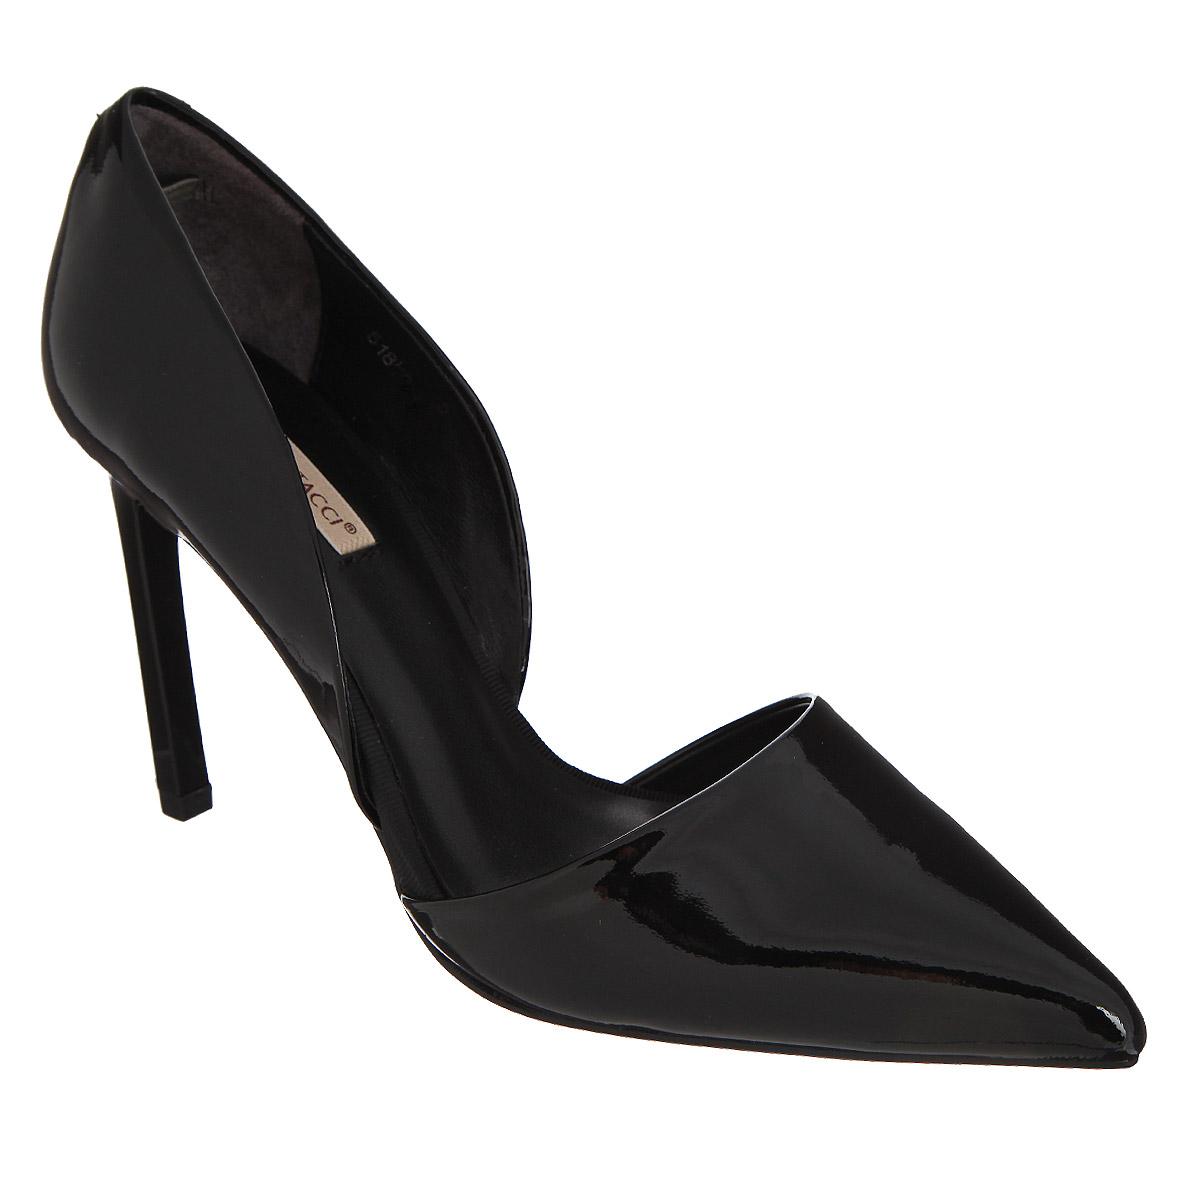 Туфли женские. 5181051810Ультрамодные женские туфли Vitacci покорят вас с первого взгляда. Модель на высоком каблуке-шпильке изготовлена из натуральной лакированной кожи. Боковые стороны оформлены элегантными вырезами. Зауженный носок добавит женственности в ваш образ. Стелька из натуральной кожи позволит ногам дышать. Подошва дополнена противоскользящим рифлением. Модные туфли займут достойное место среди вашей коллекции обуви.